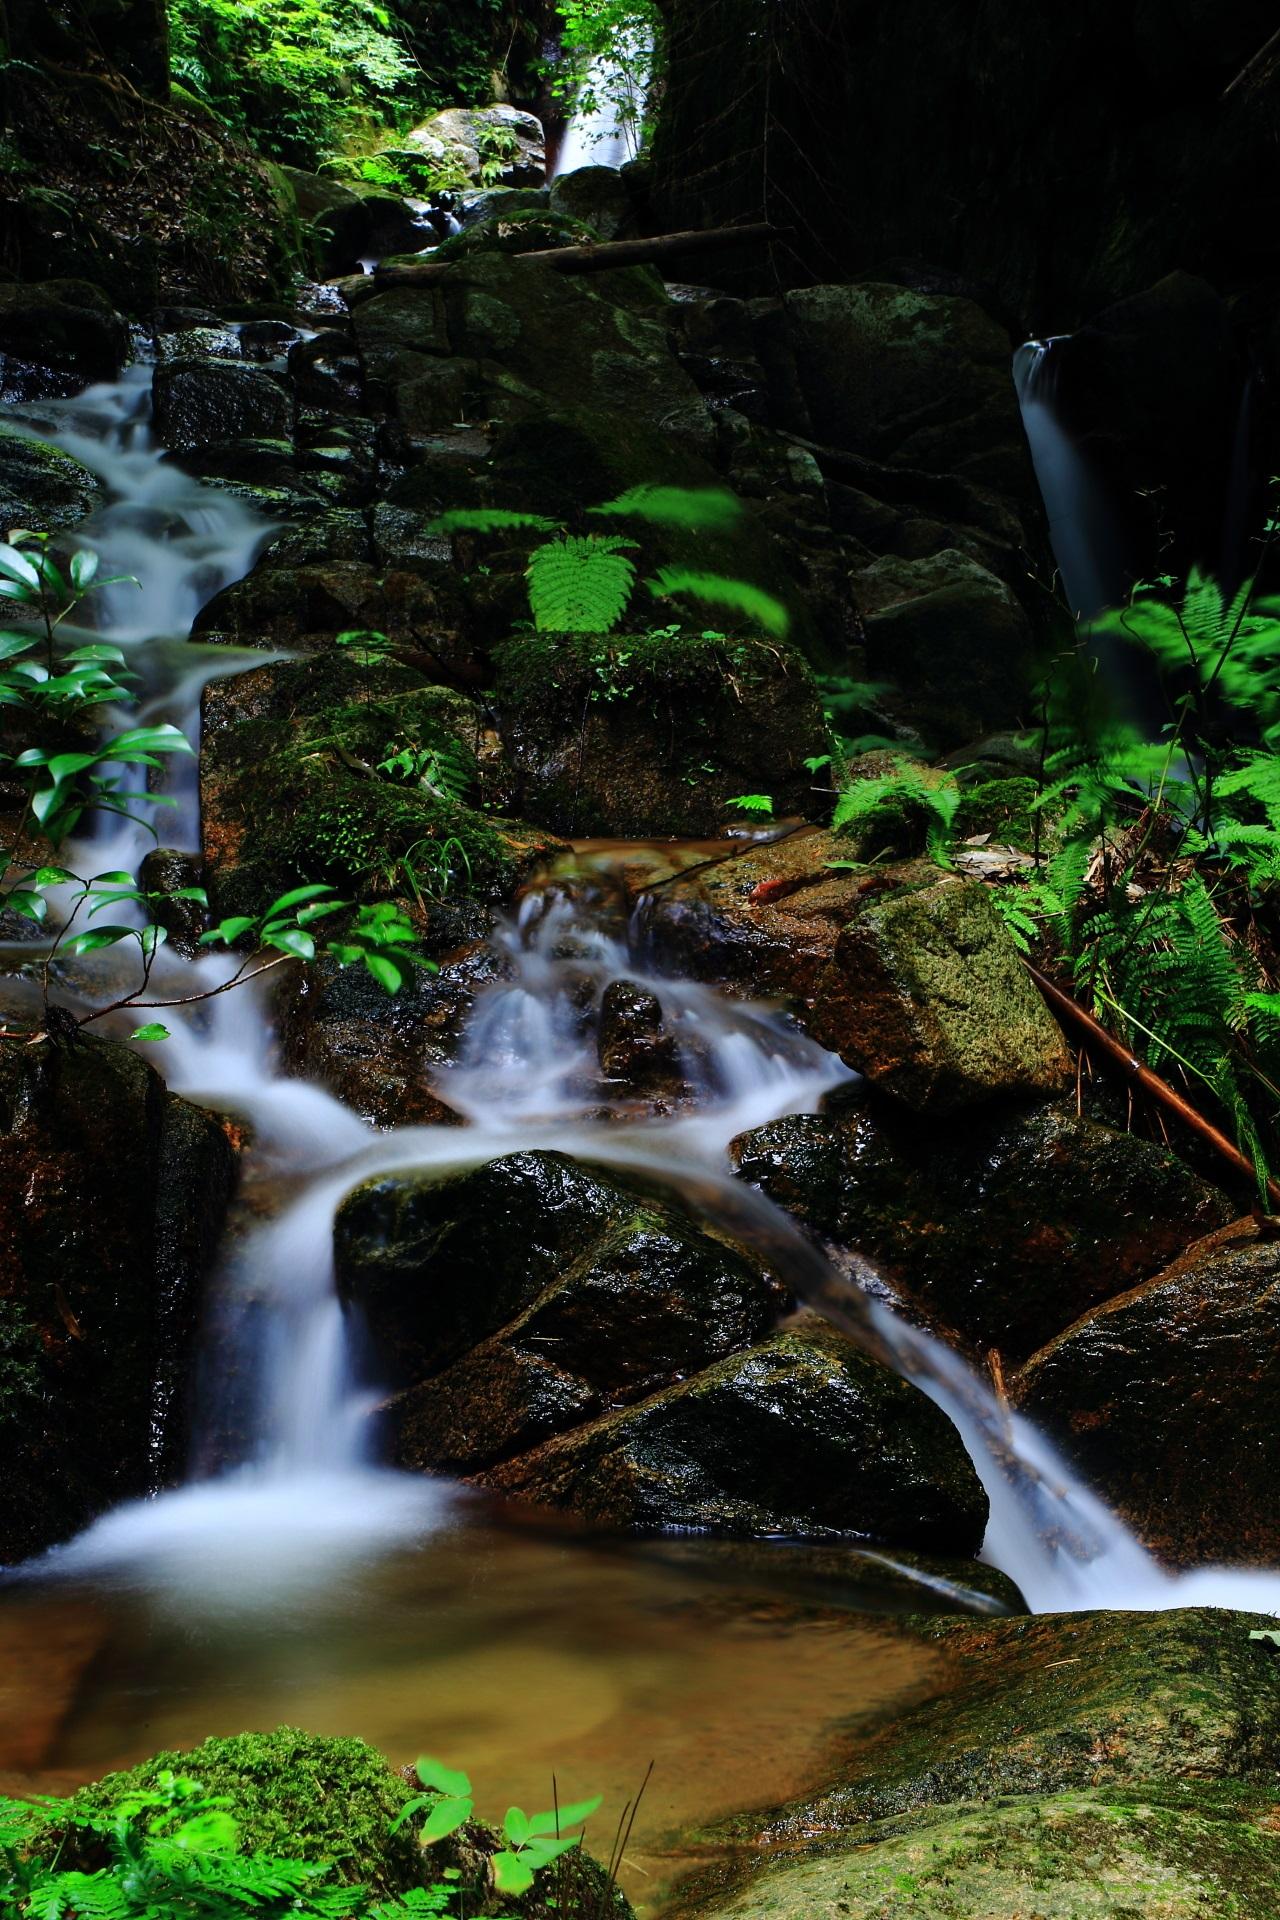 コントラスト強めの水の流れが光る滝